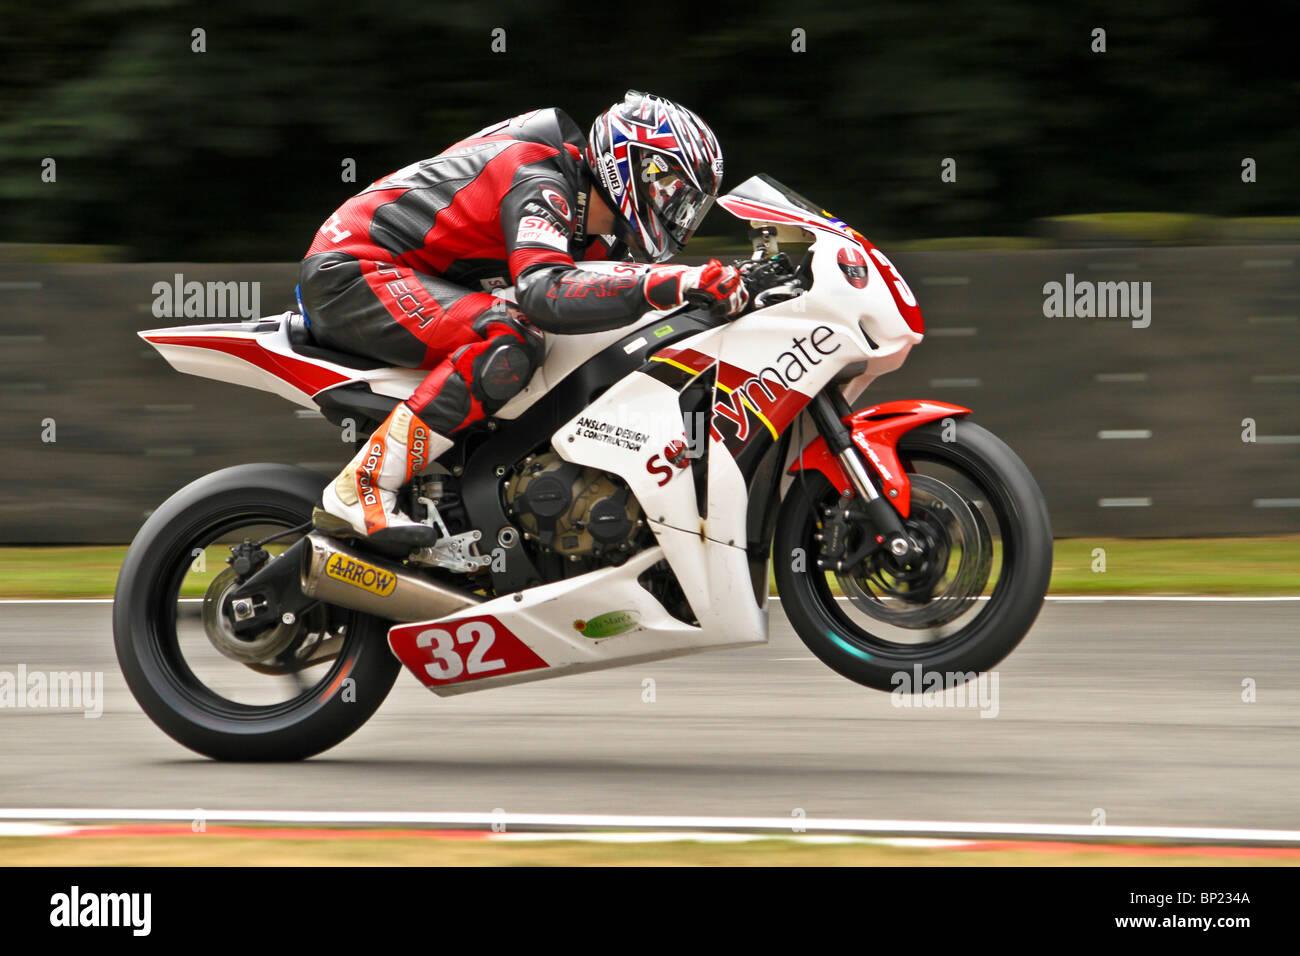 Kenny Gilbertson sulla sua Honda racing per Sorrymate SMT e Honda. Egli è in fase di accelerazione in un wheelie Immagini Stock